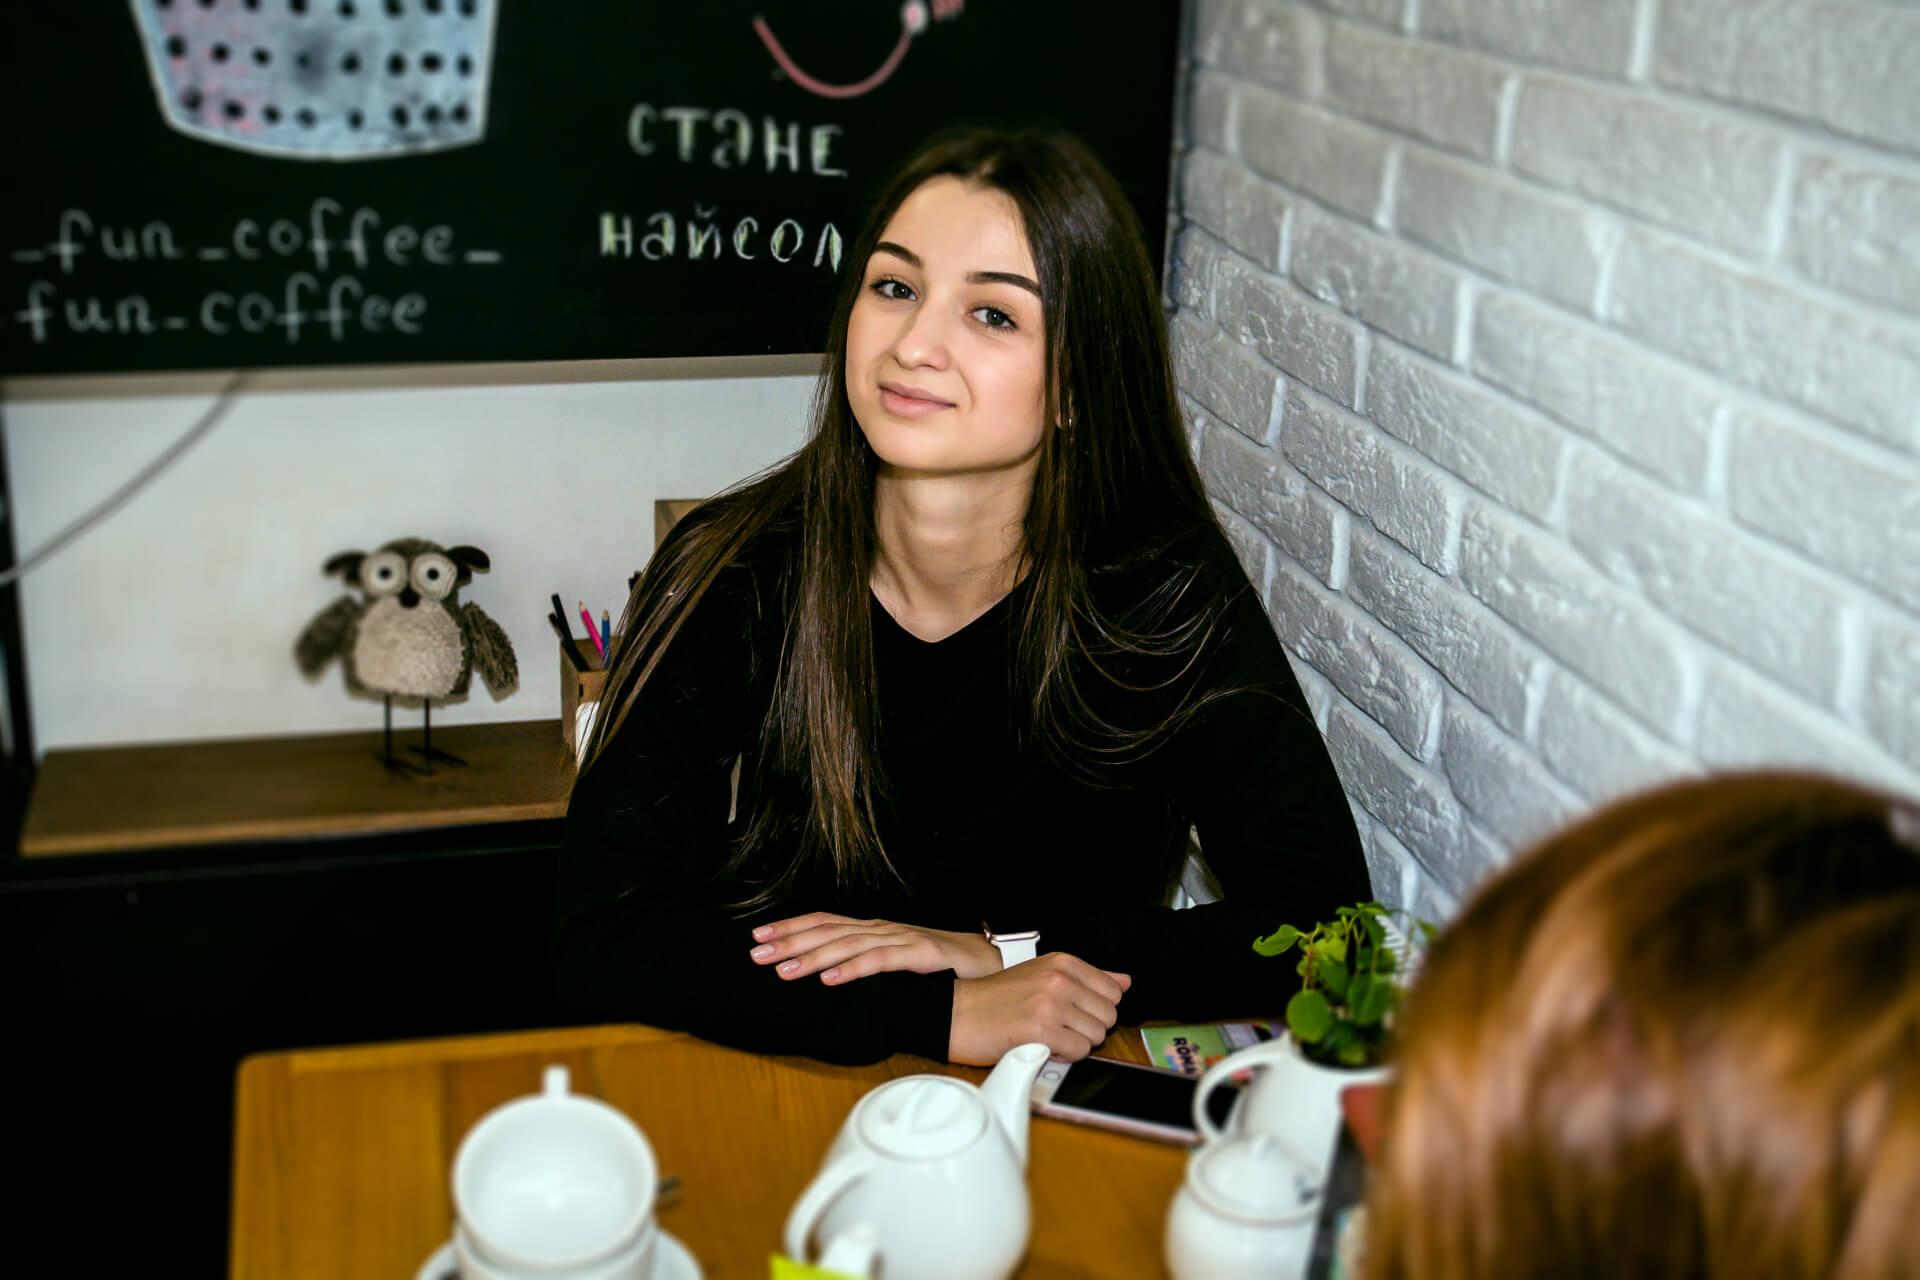 Вікторія П'ятничук: Не люблю самозакоханих, тому навіть не переживаю, що стану такою